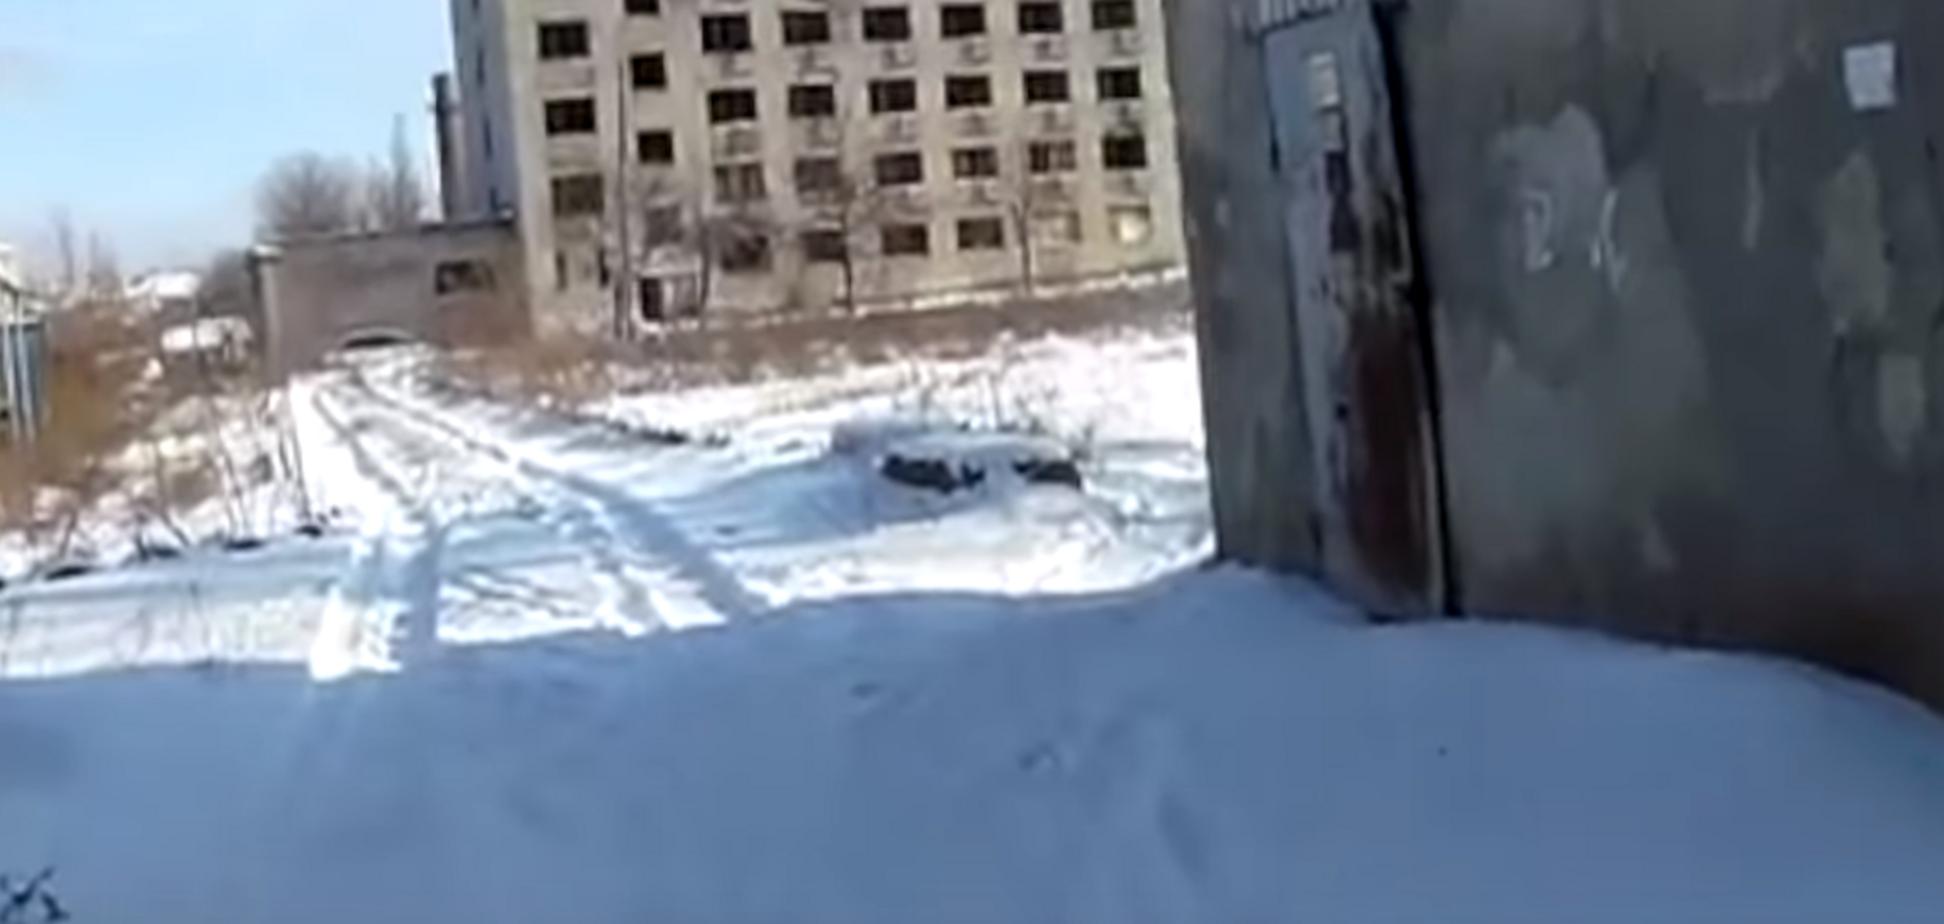 Превратили в Абхазию! В сети показали жуткое видео из 'ЛНР'